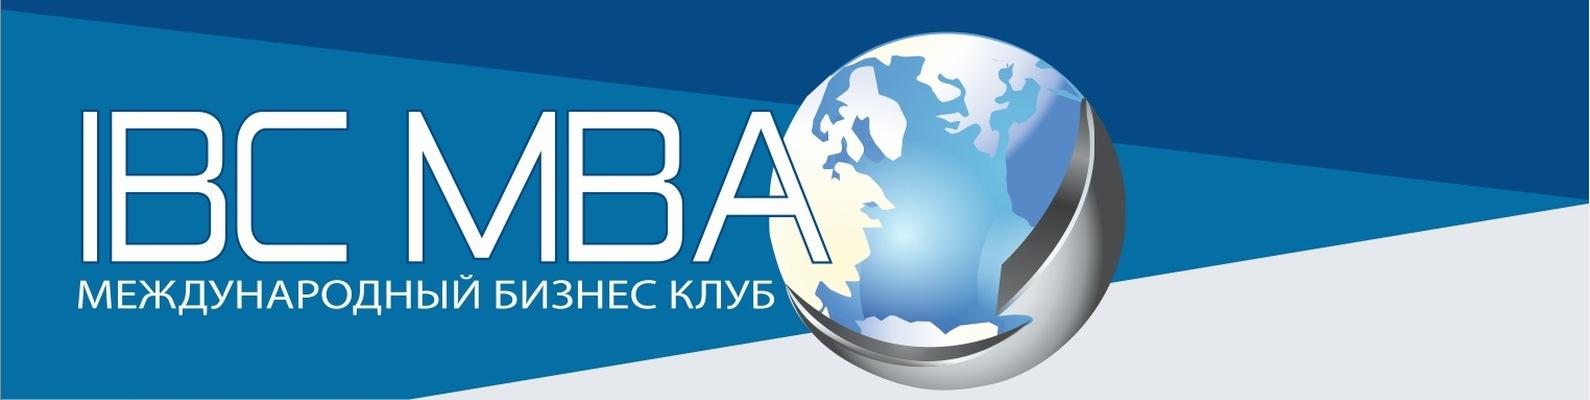 Бизнес клуба в г москве ночные клубы владикавказе